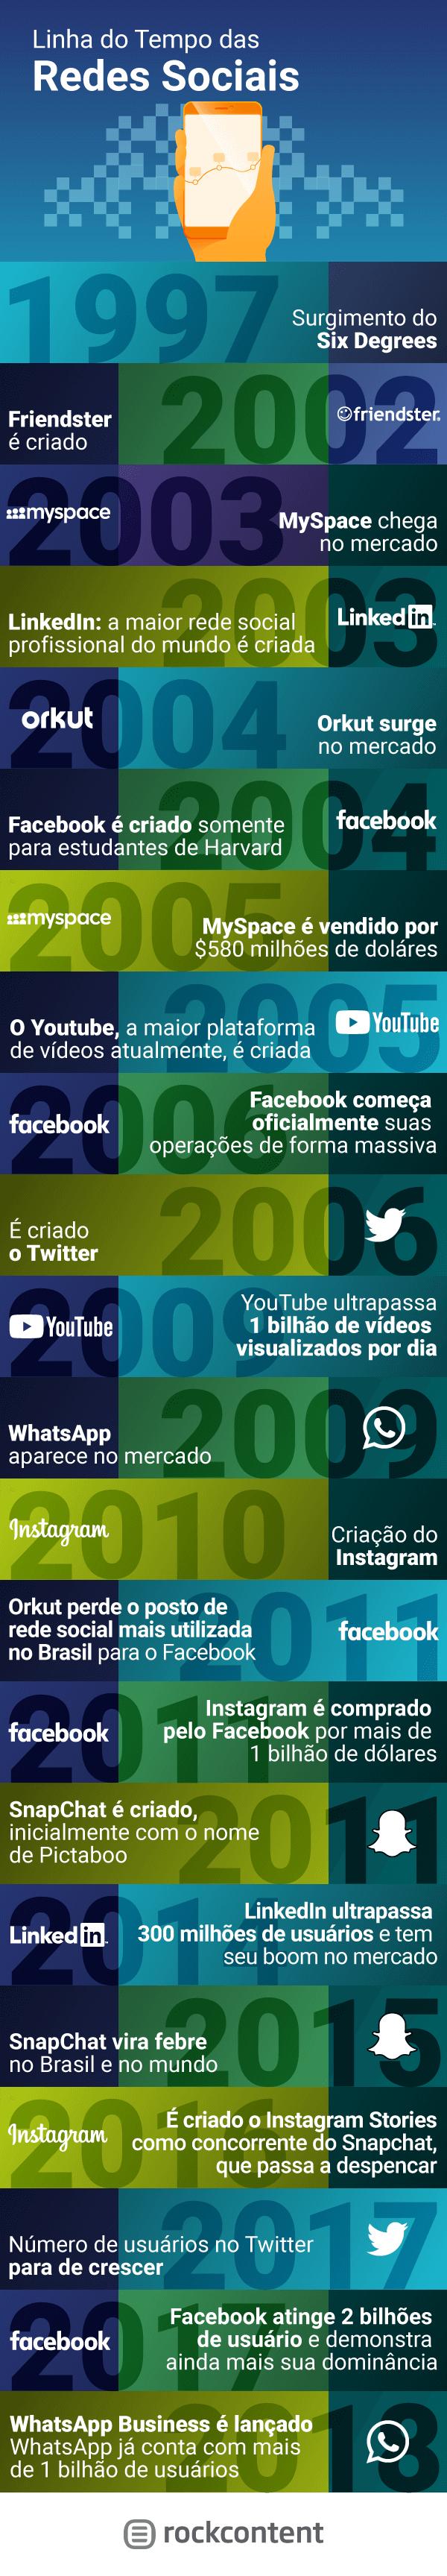 Linha do tempo redes sociais